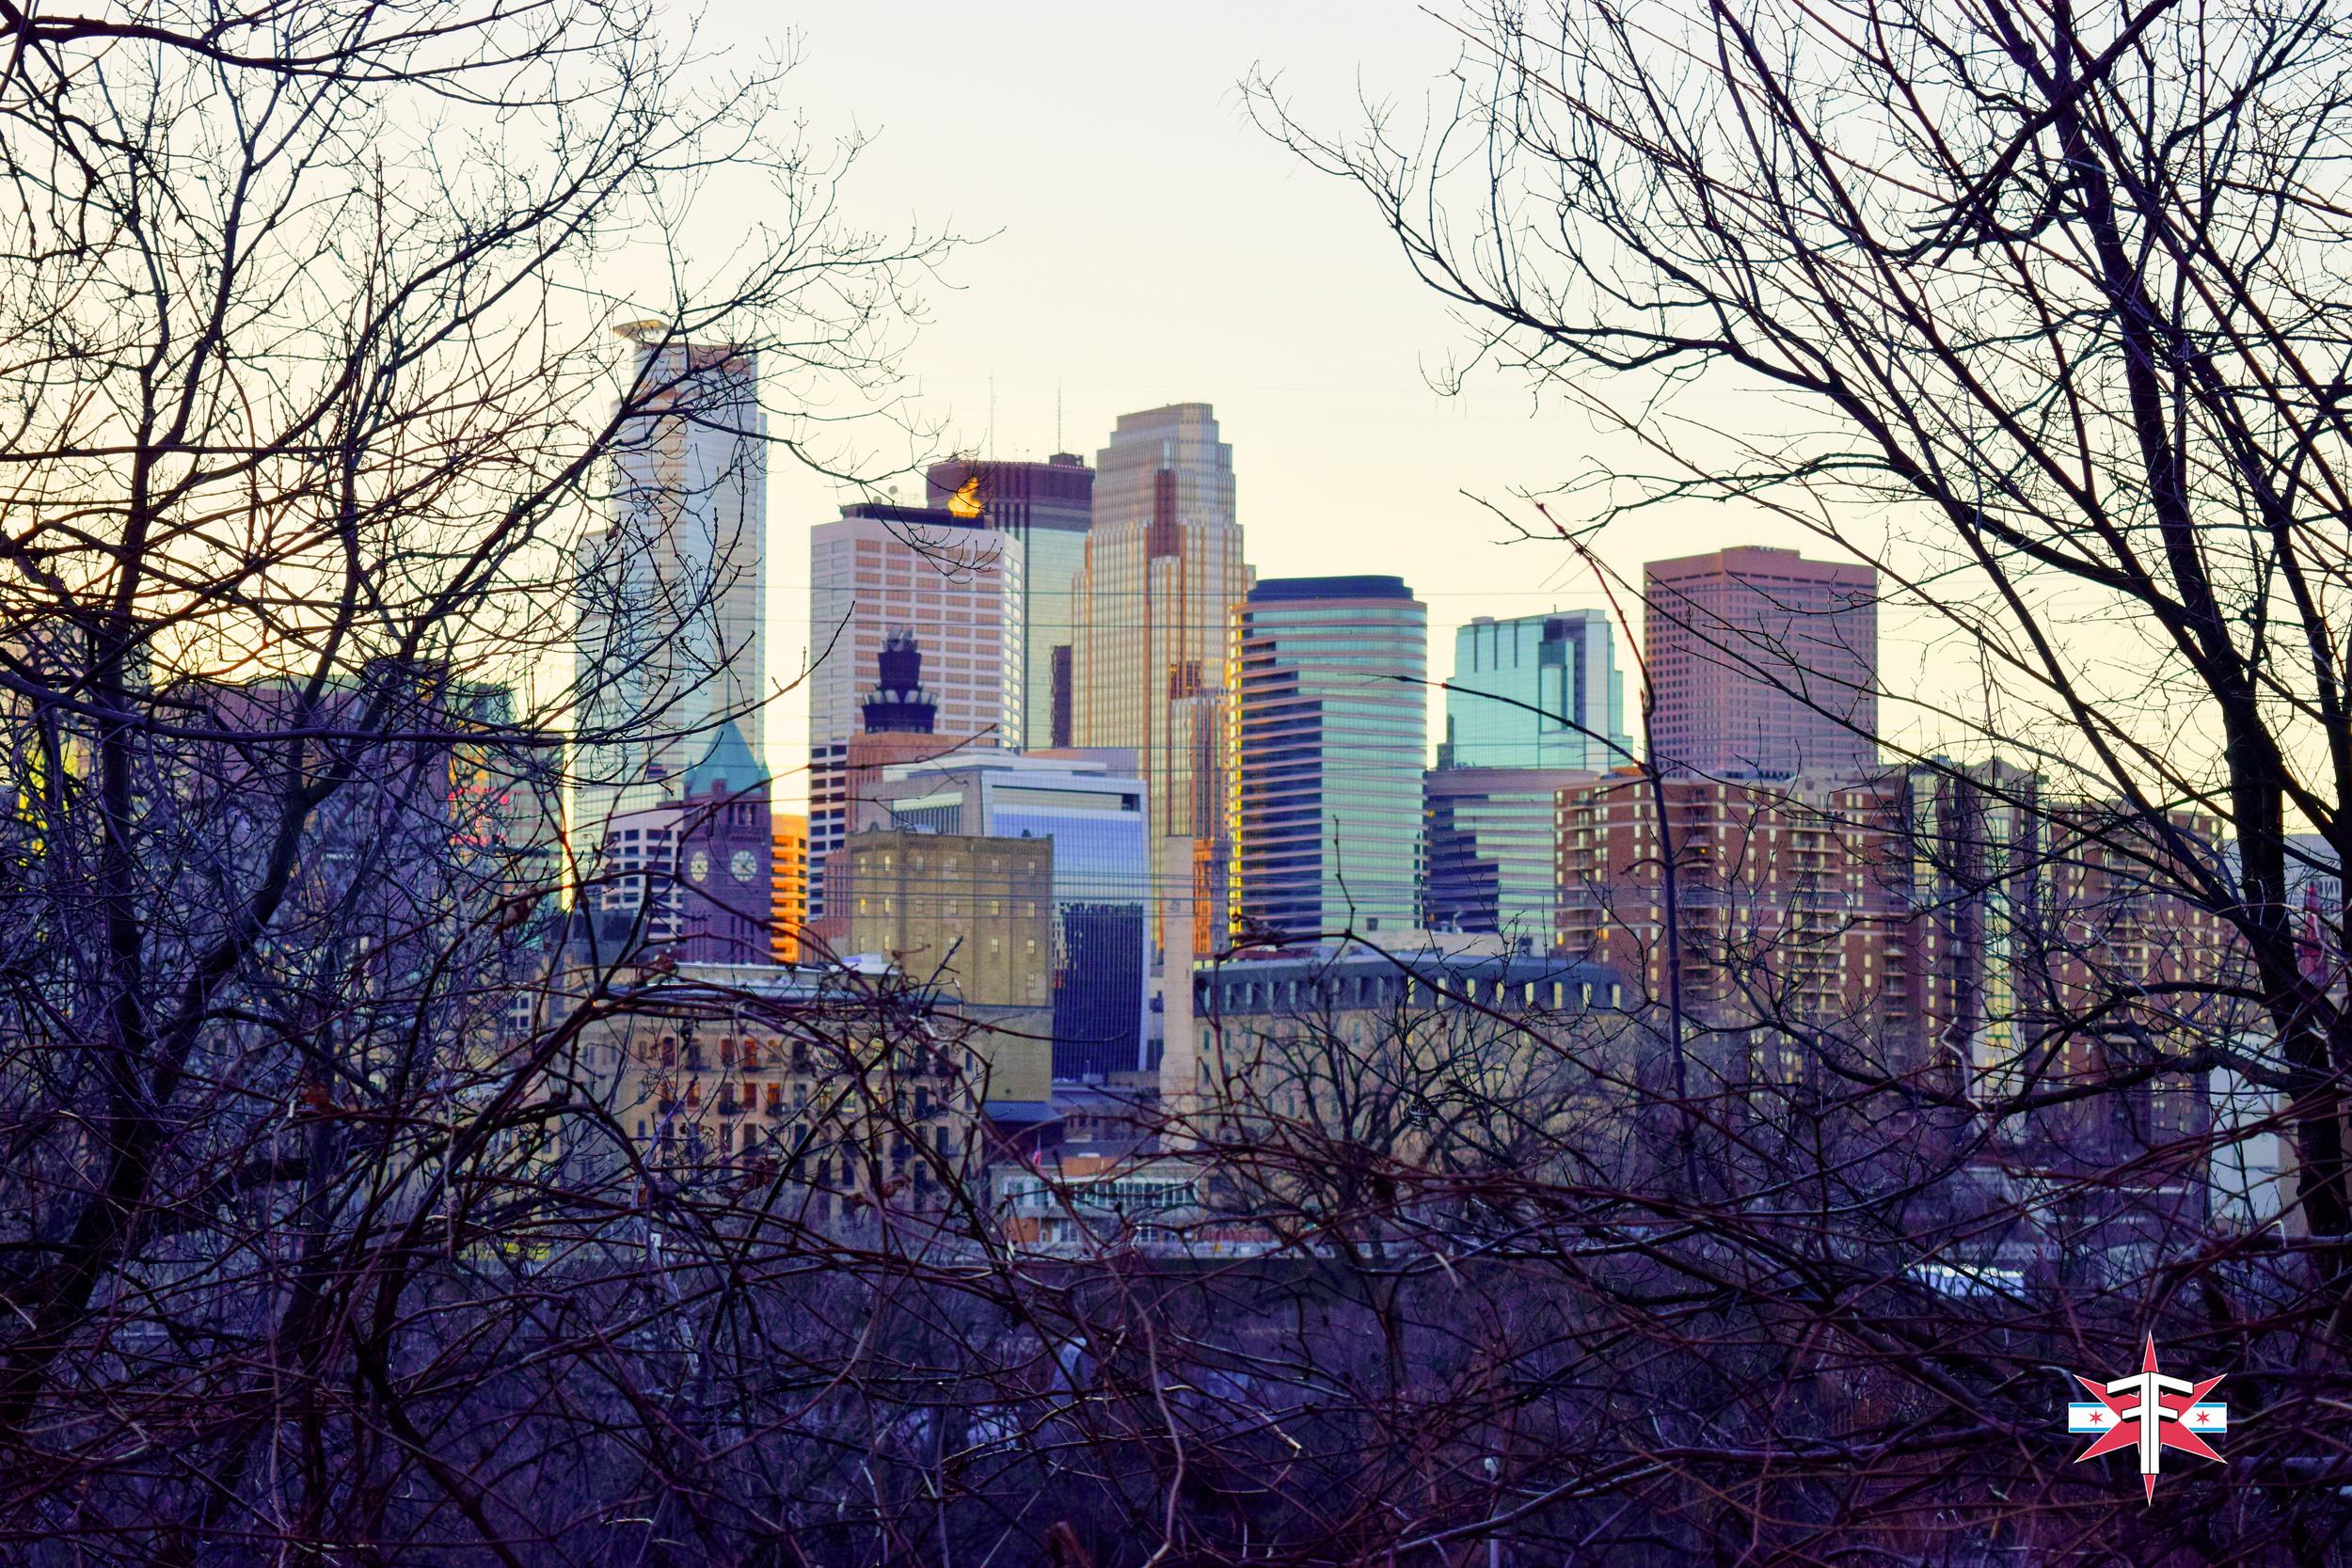 chicago art architecture eric formato photography design arquitectura architettura buildings skyscraper skyscrapers-261.jpg